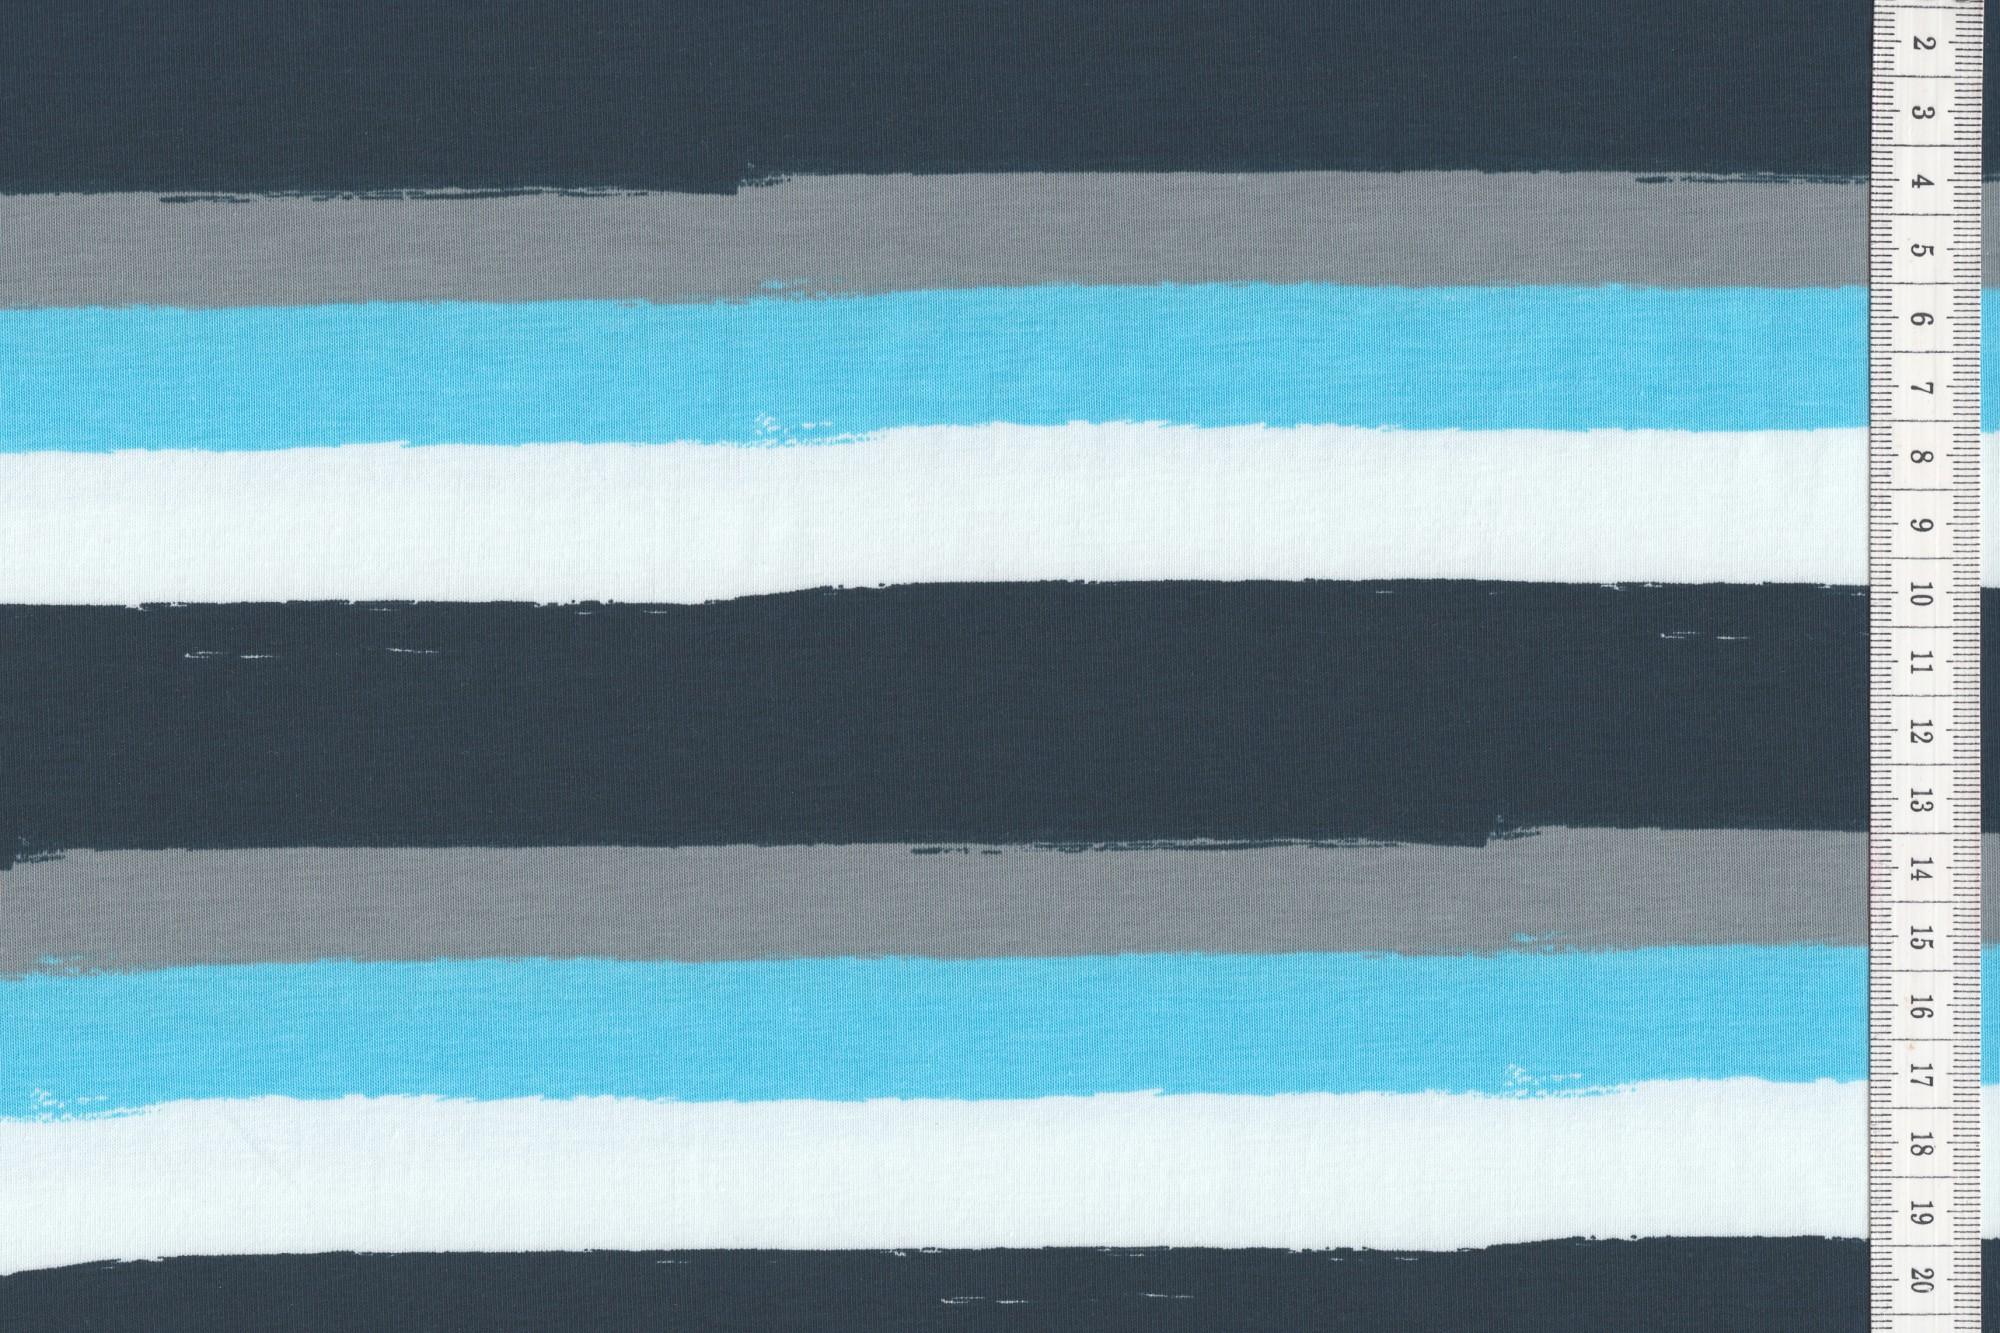 baumwoll jersey quer gestreift weiss blau grau navy jersey muster. Black Bedroom Furniture Sets. Home Design Ideas